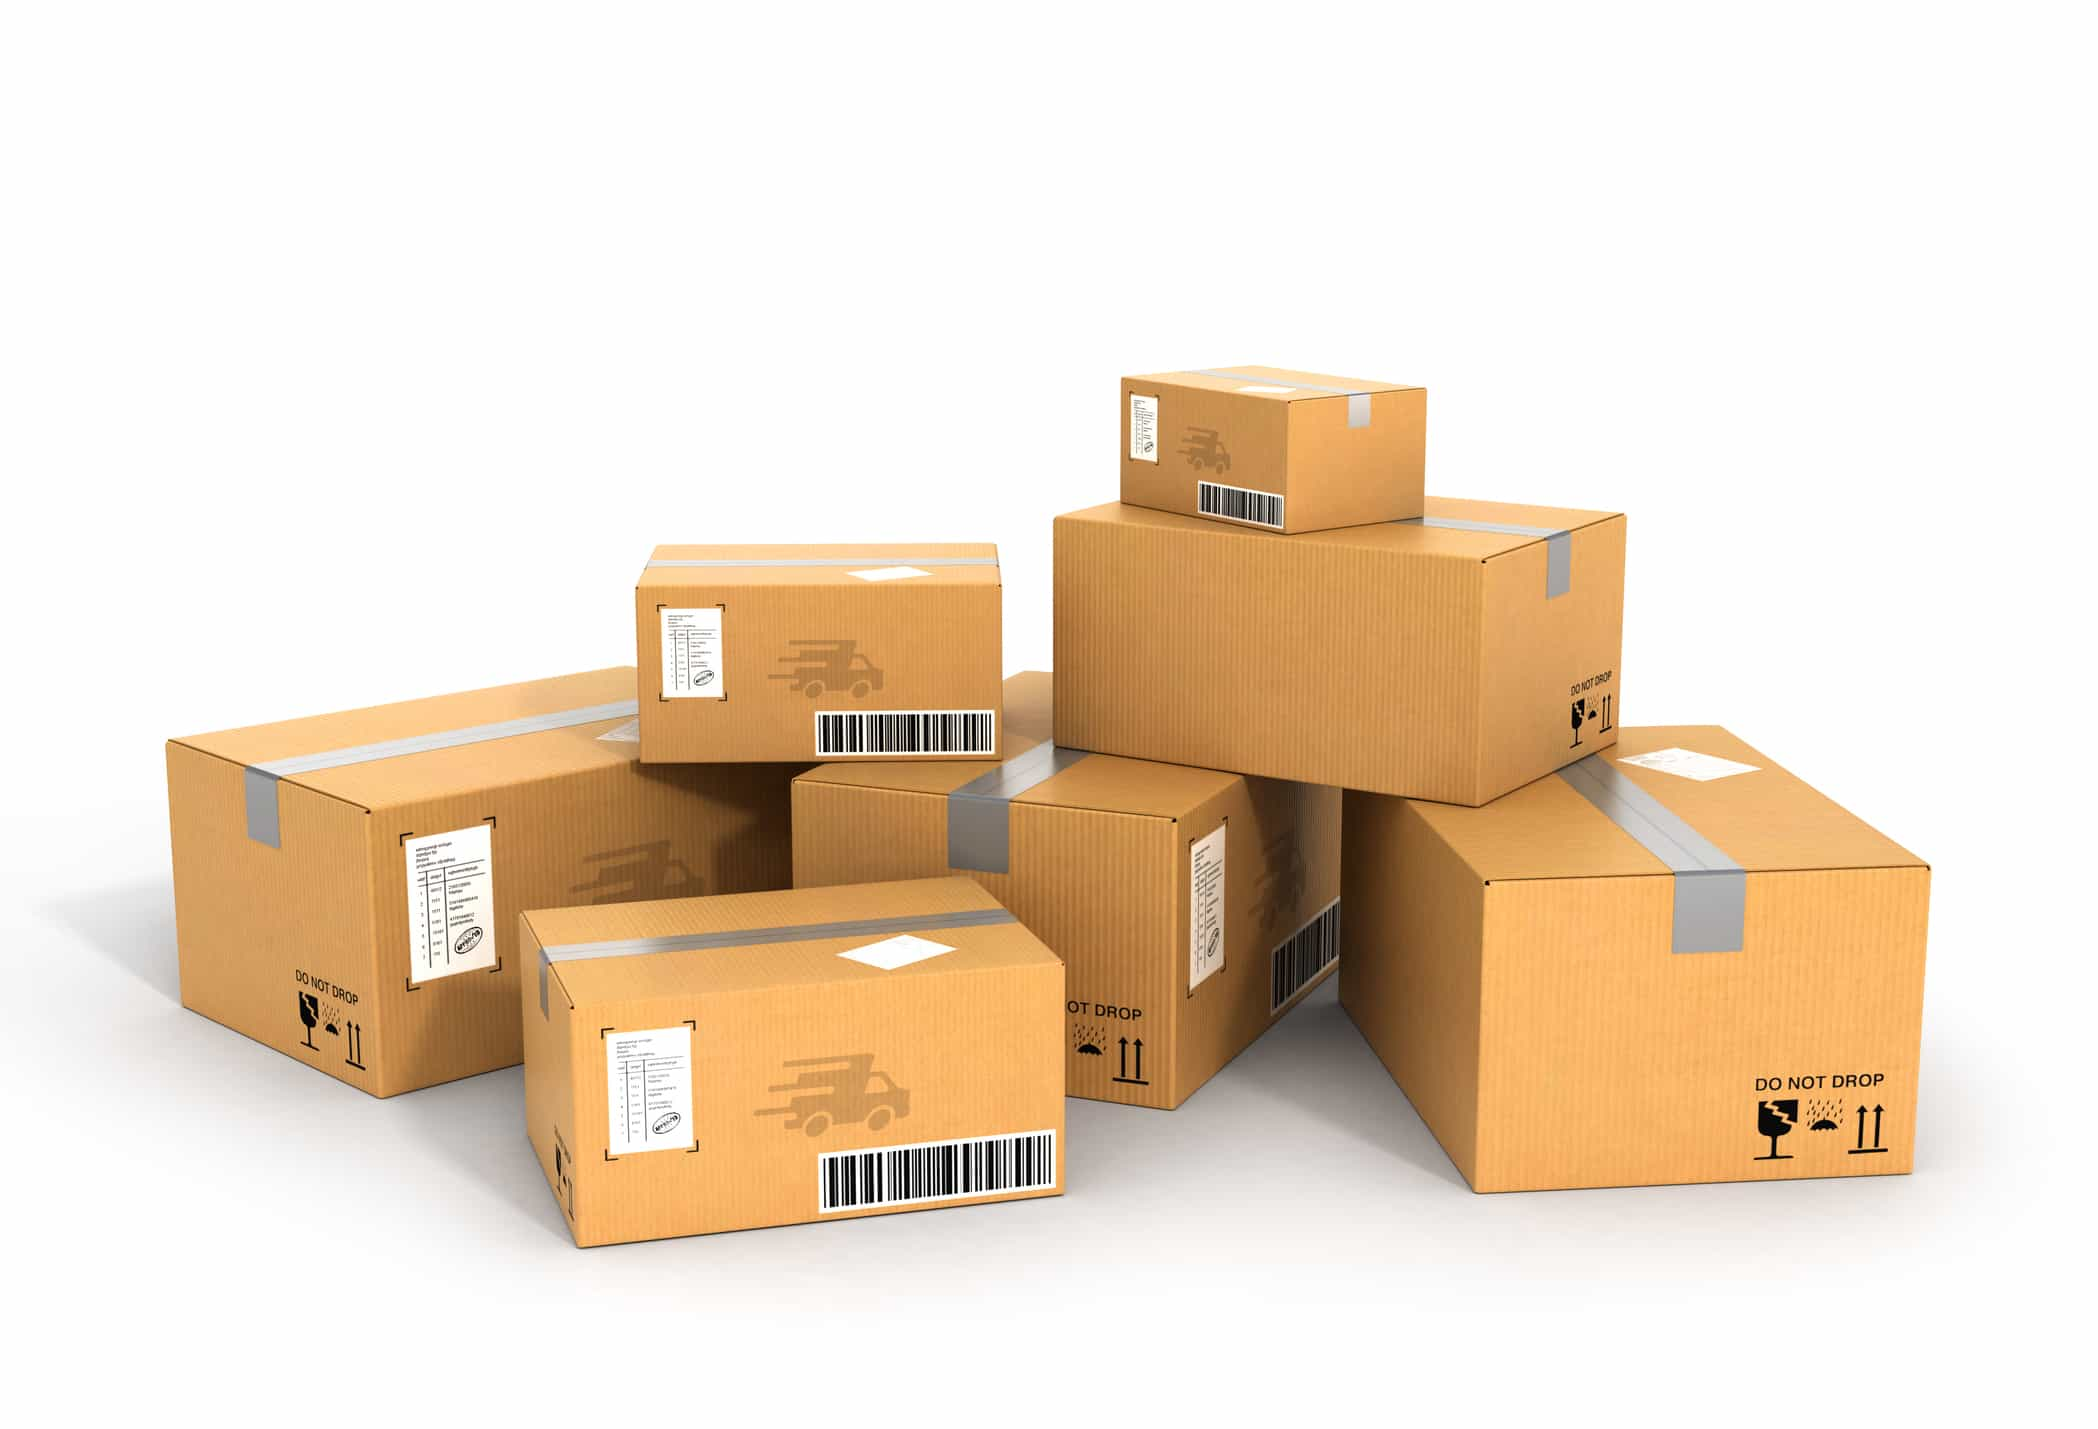 آیا بسته بندی محصول مسئله مهمی است؟